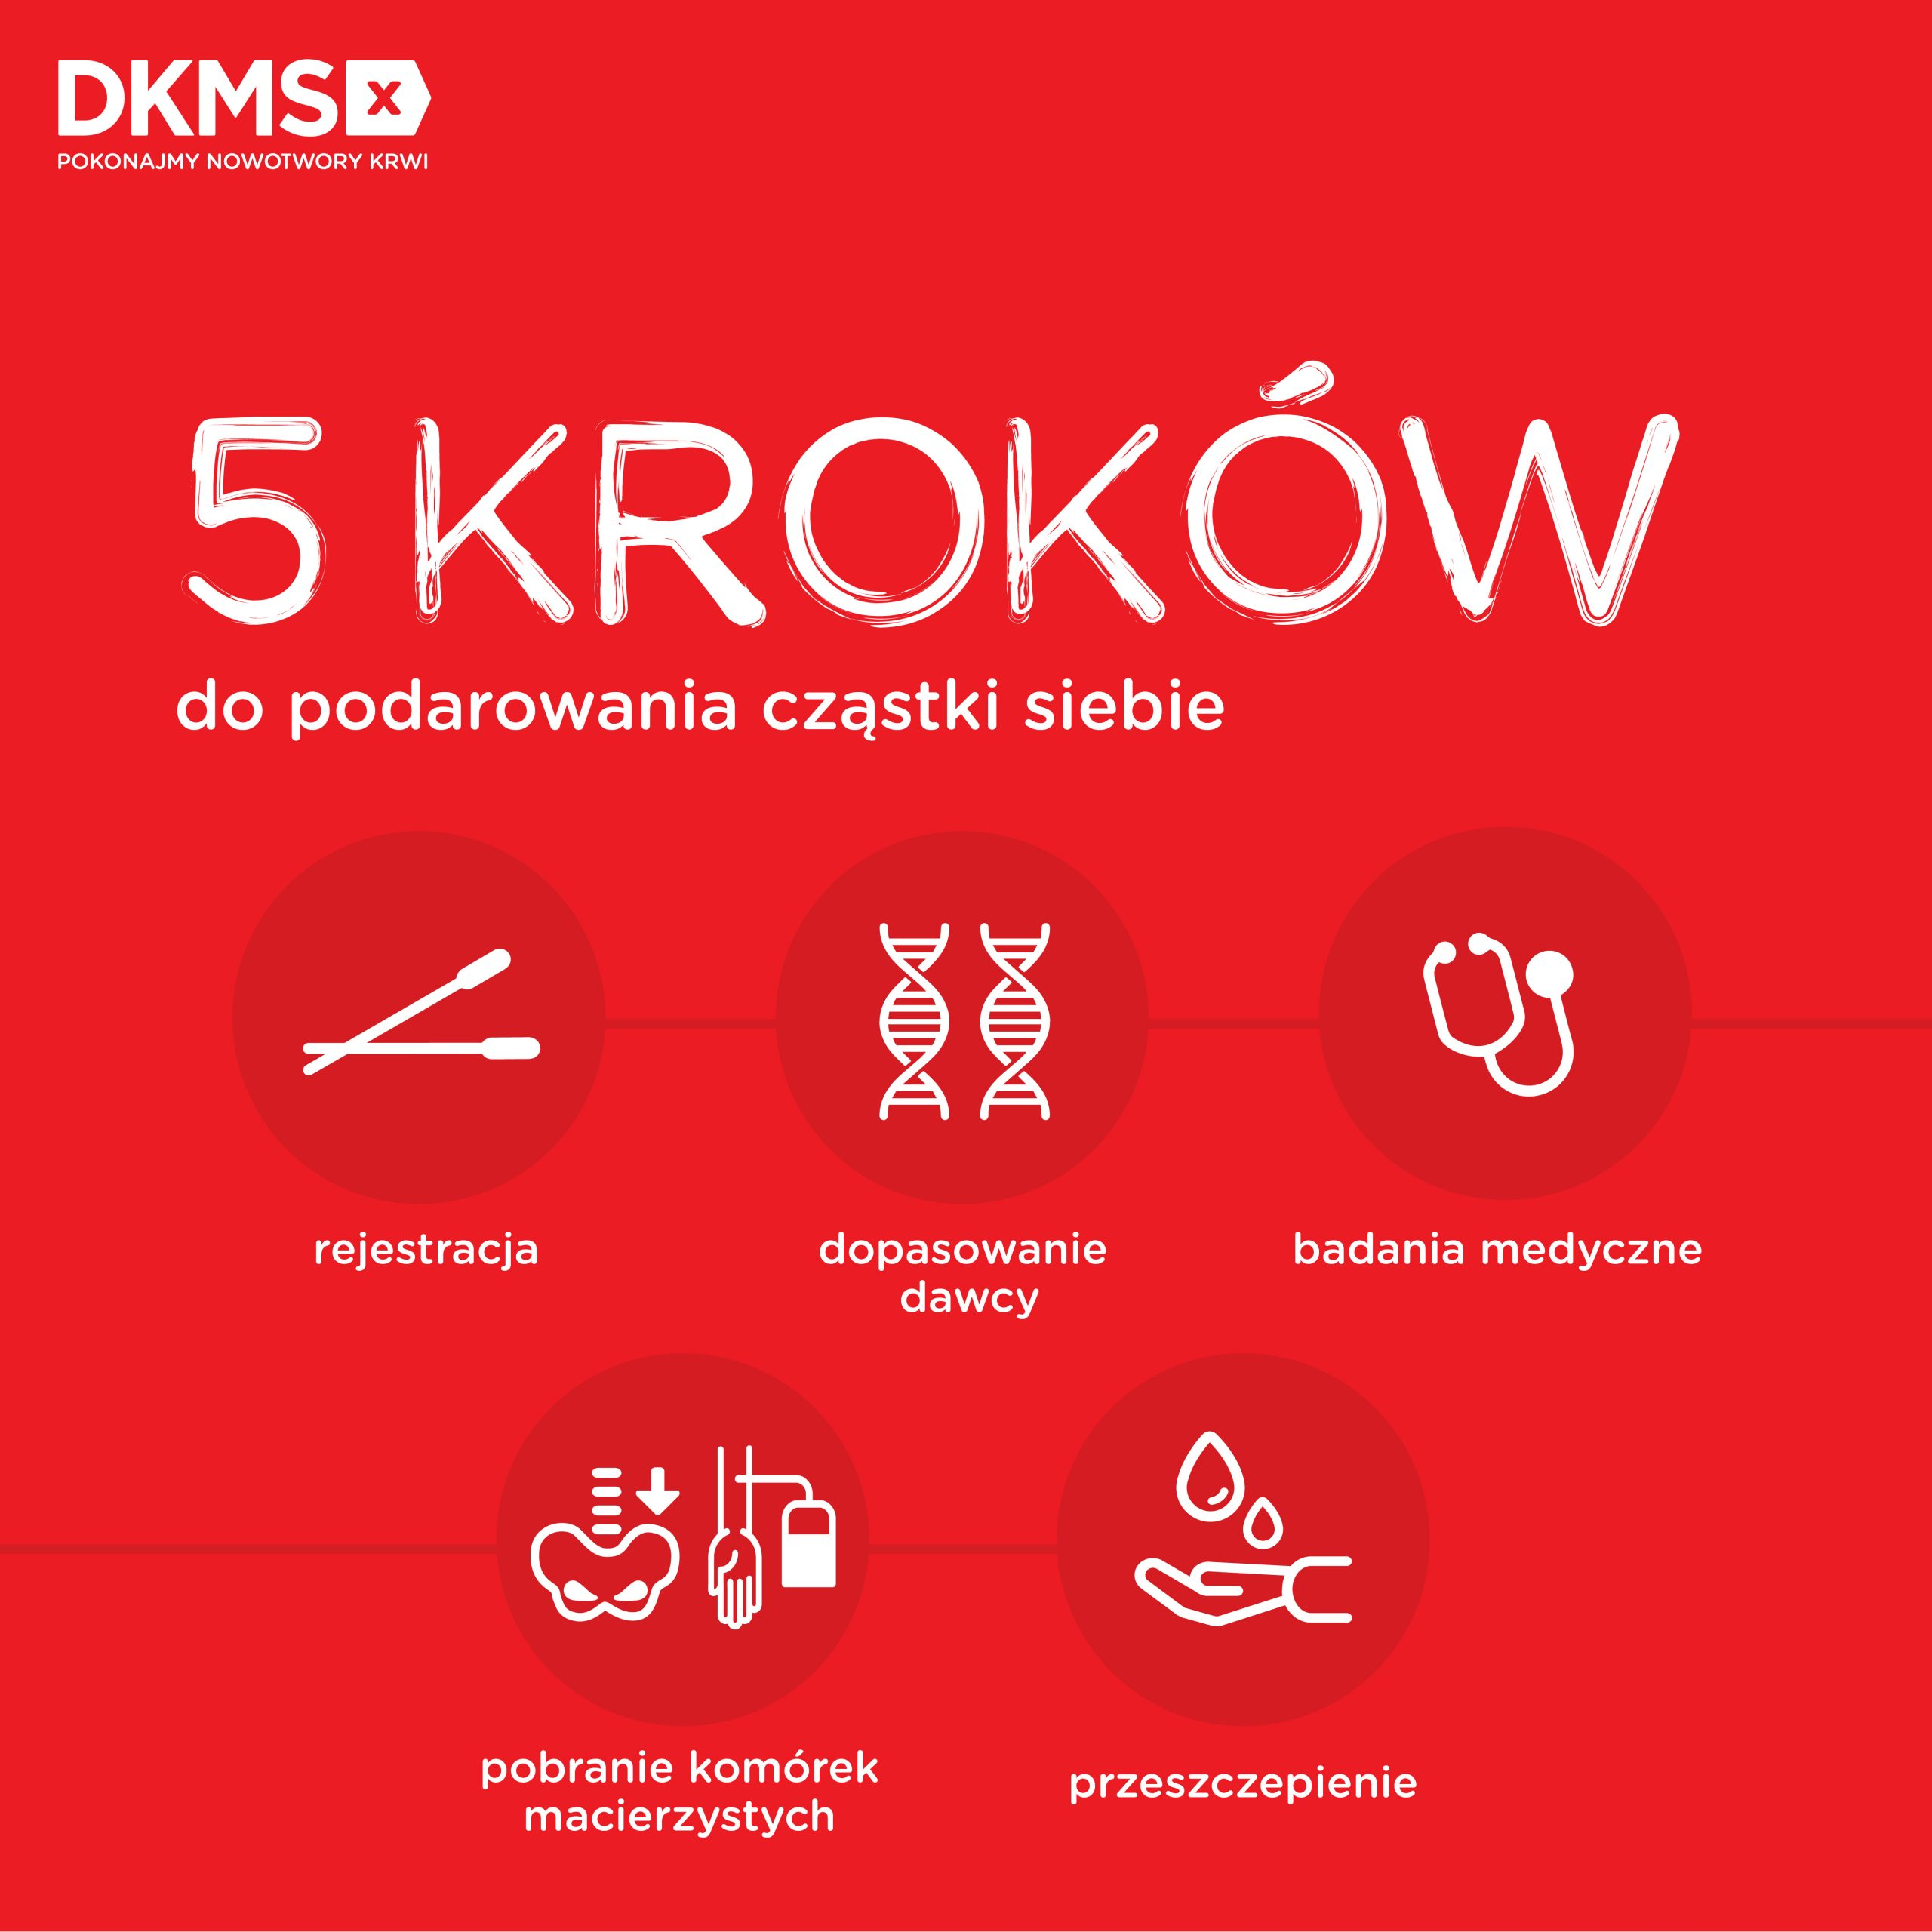 Zarejestruj się w bazie DKMS z Petrycym!